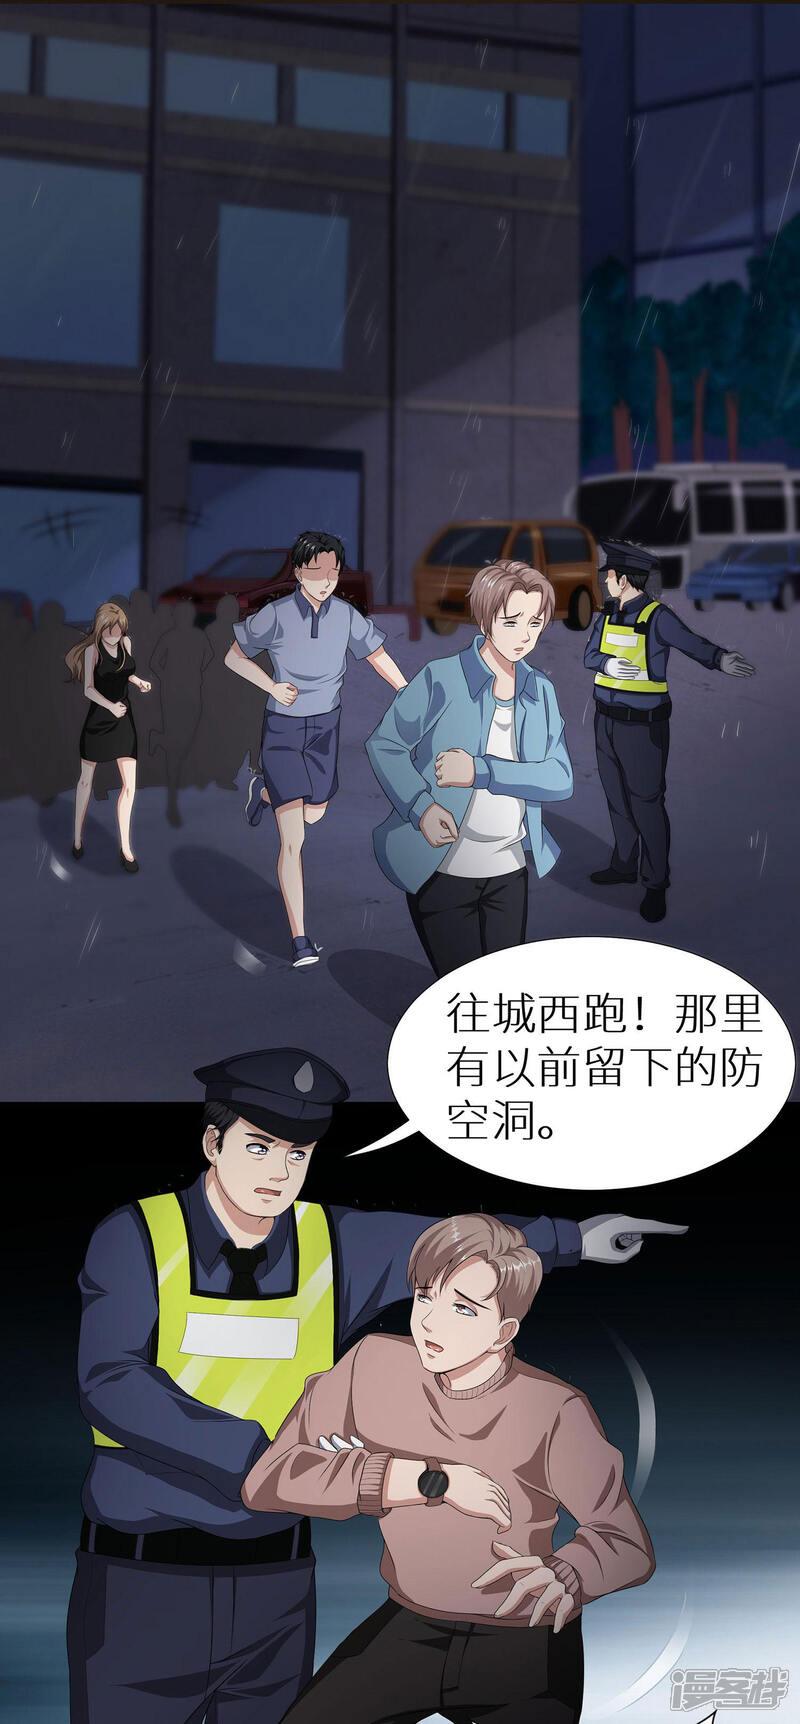 2_01.jpg